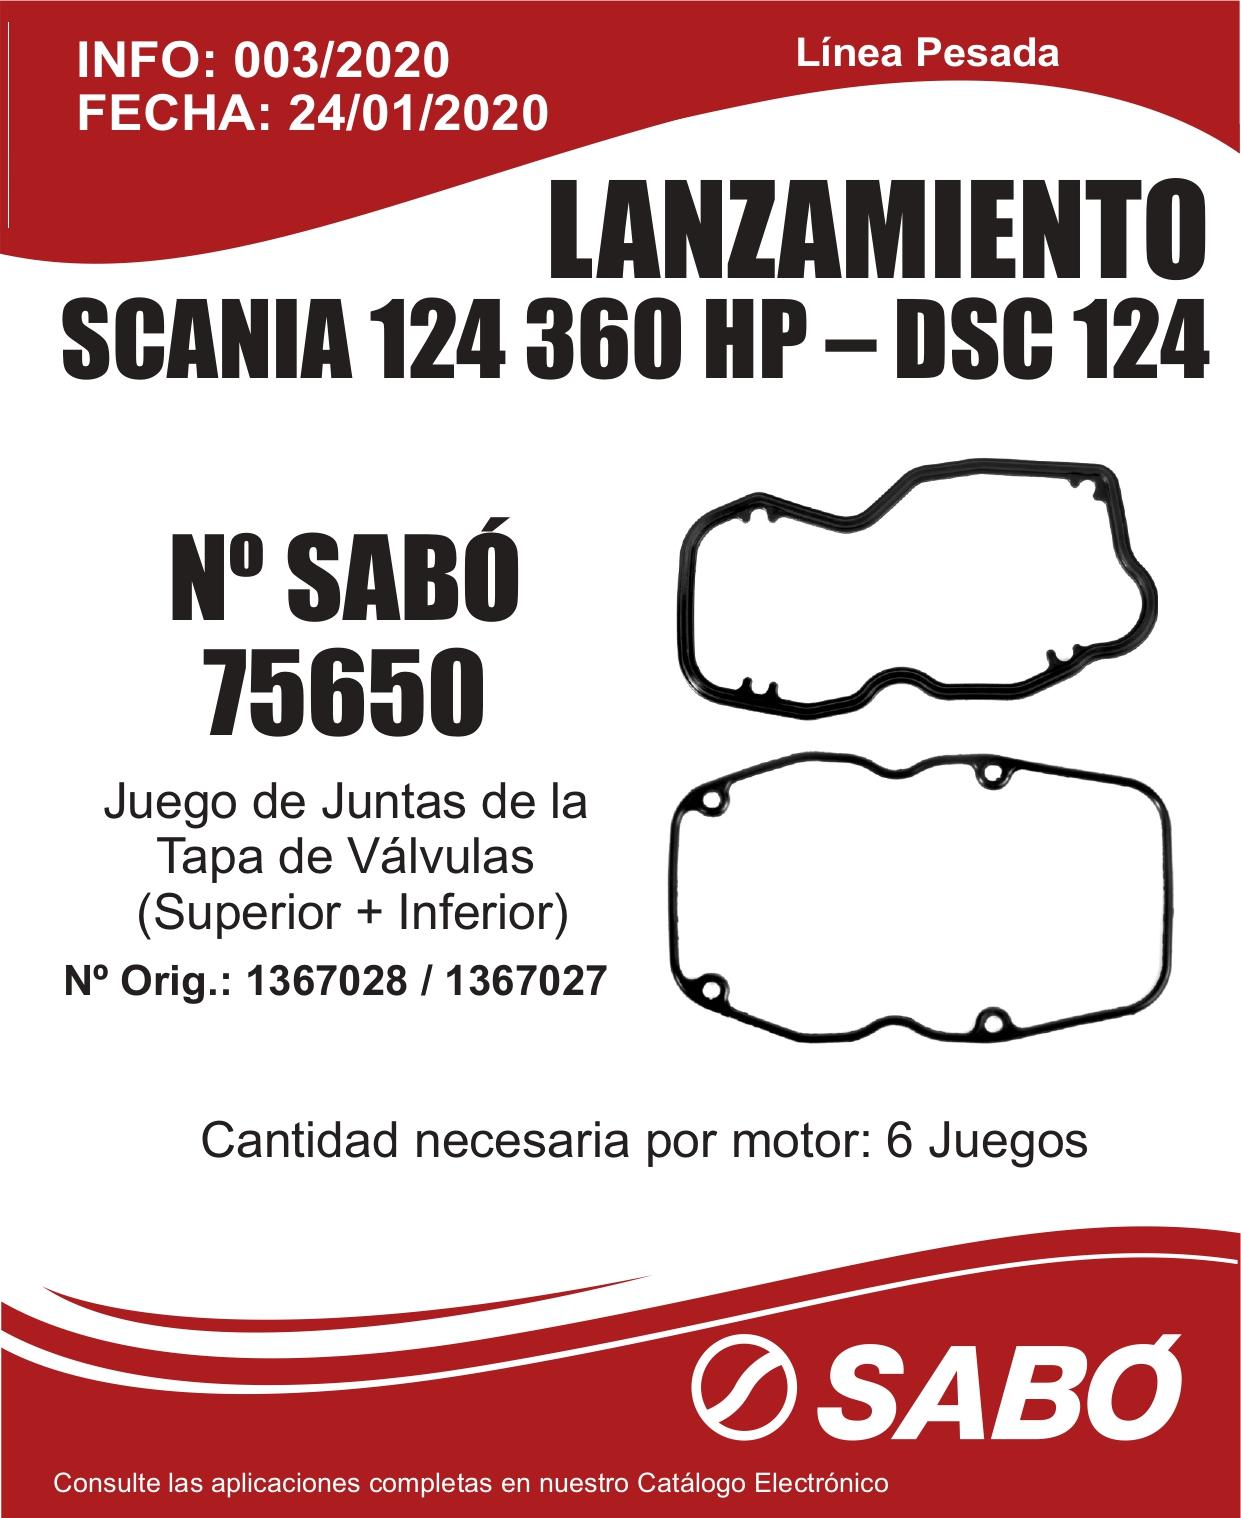 Info 003 Lanzamiento Scania 124 Juego Juntas Tapa Valvulas Linea Pesada_page-0001